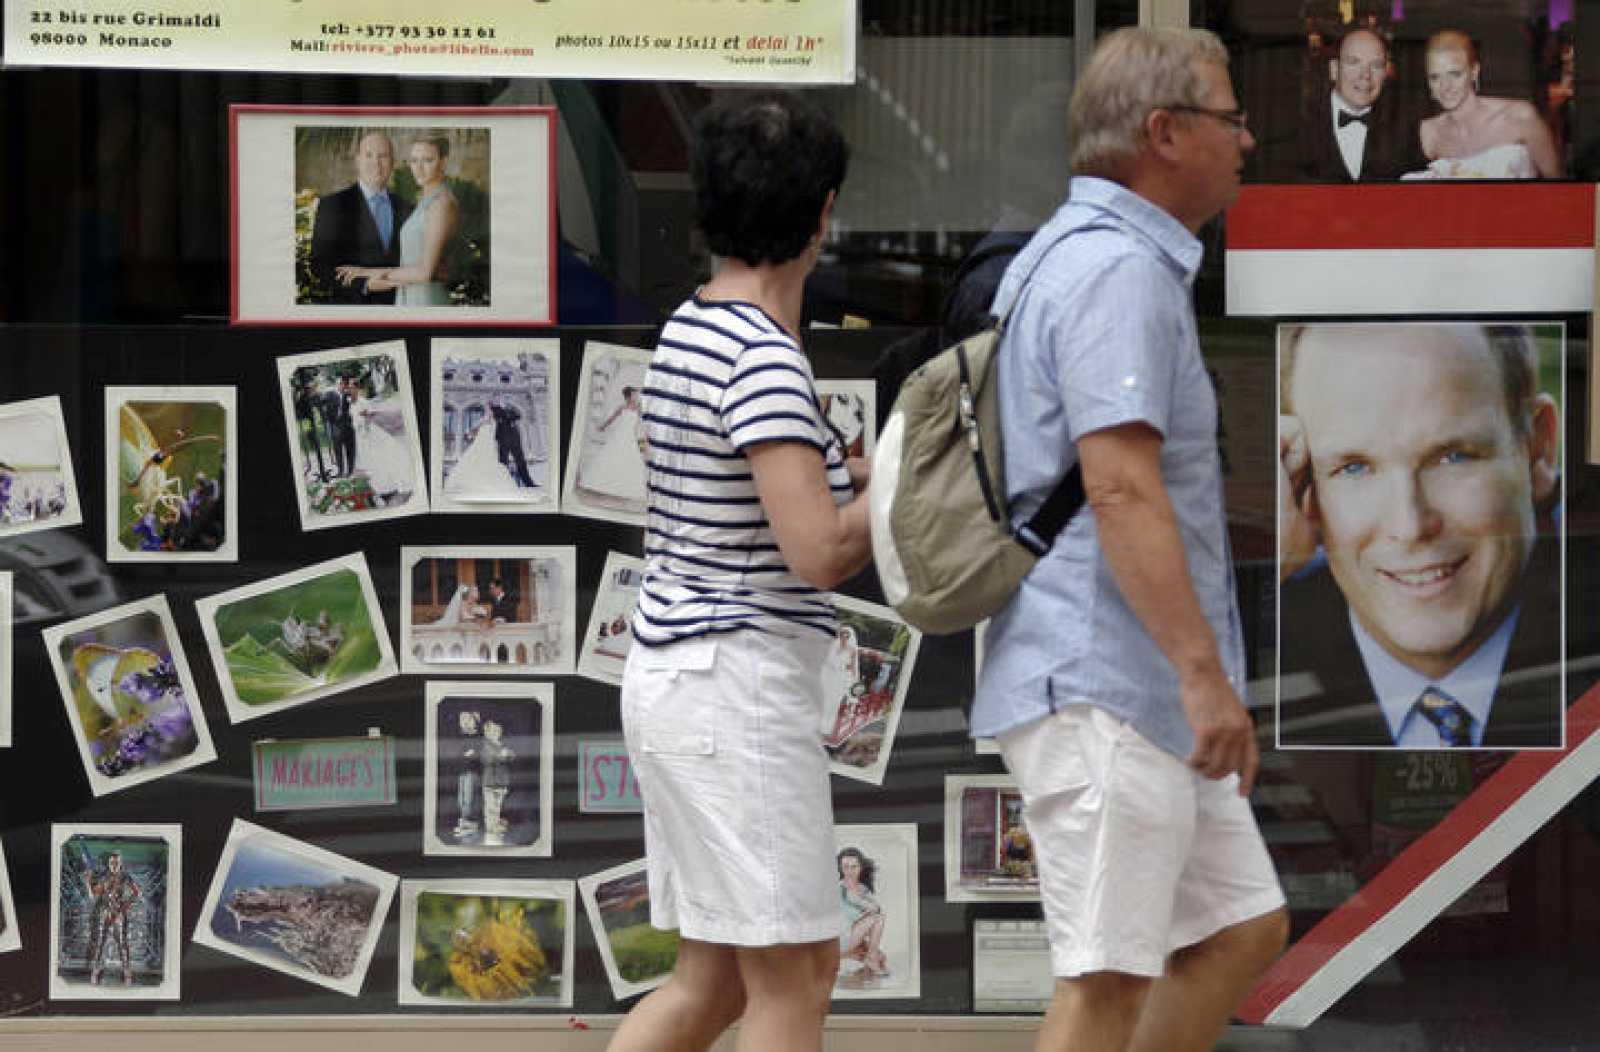 Turistas pasan por un escaparate de Mónaco con fotos de la pareja real.